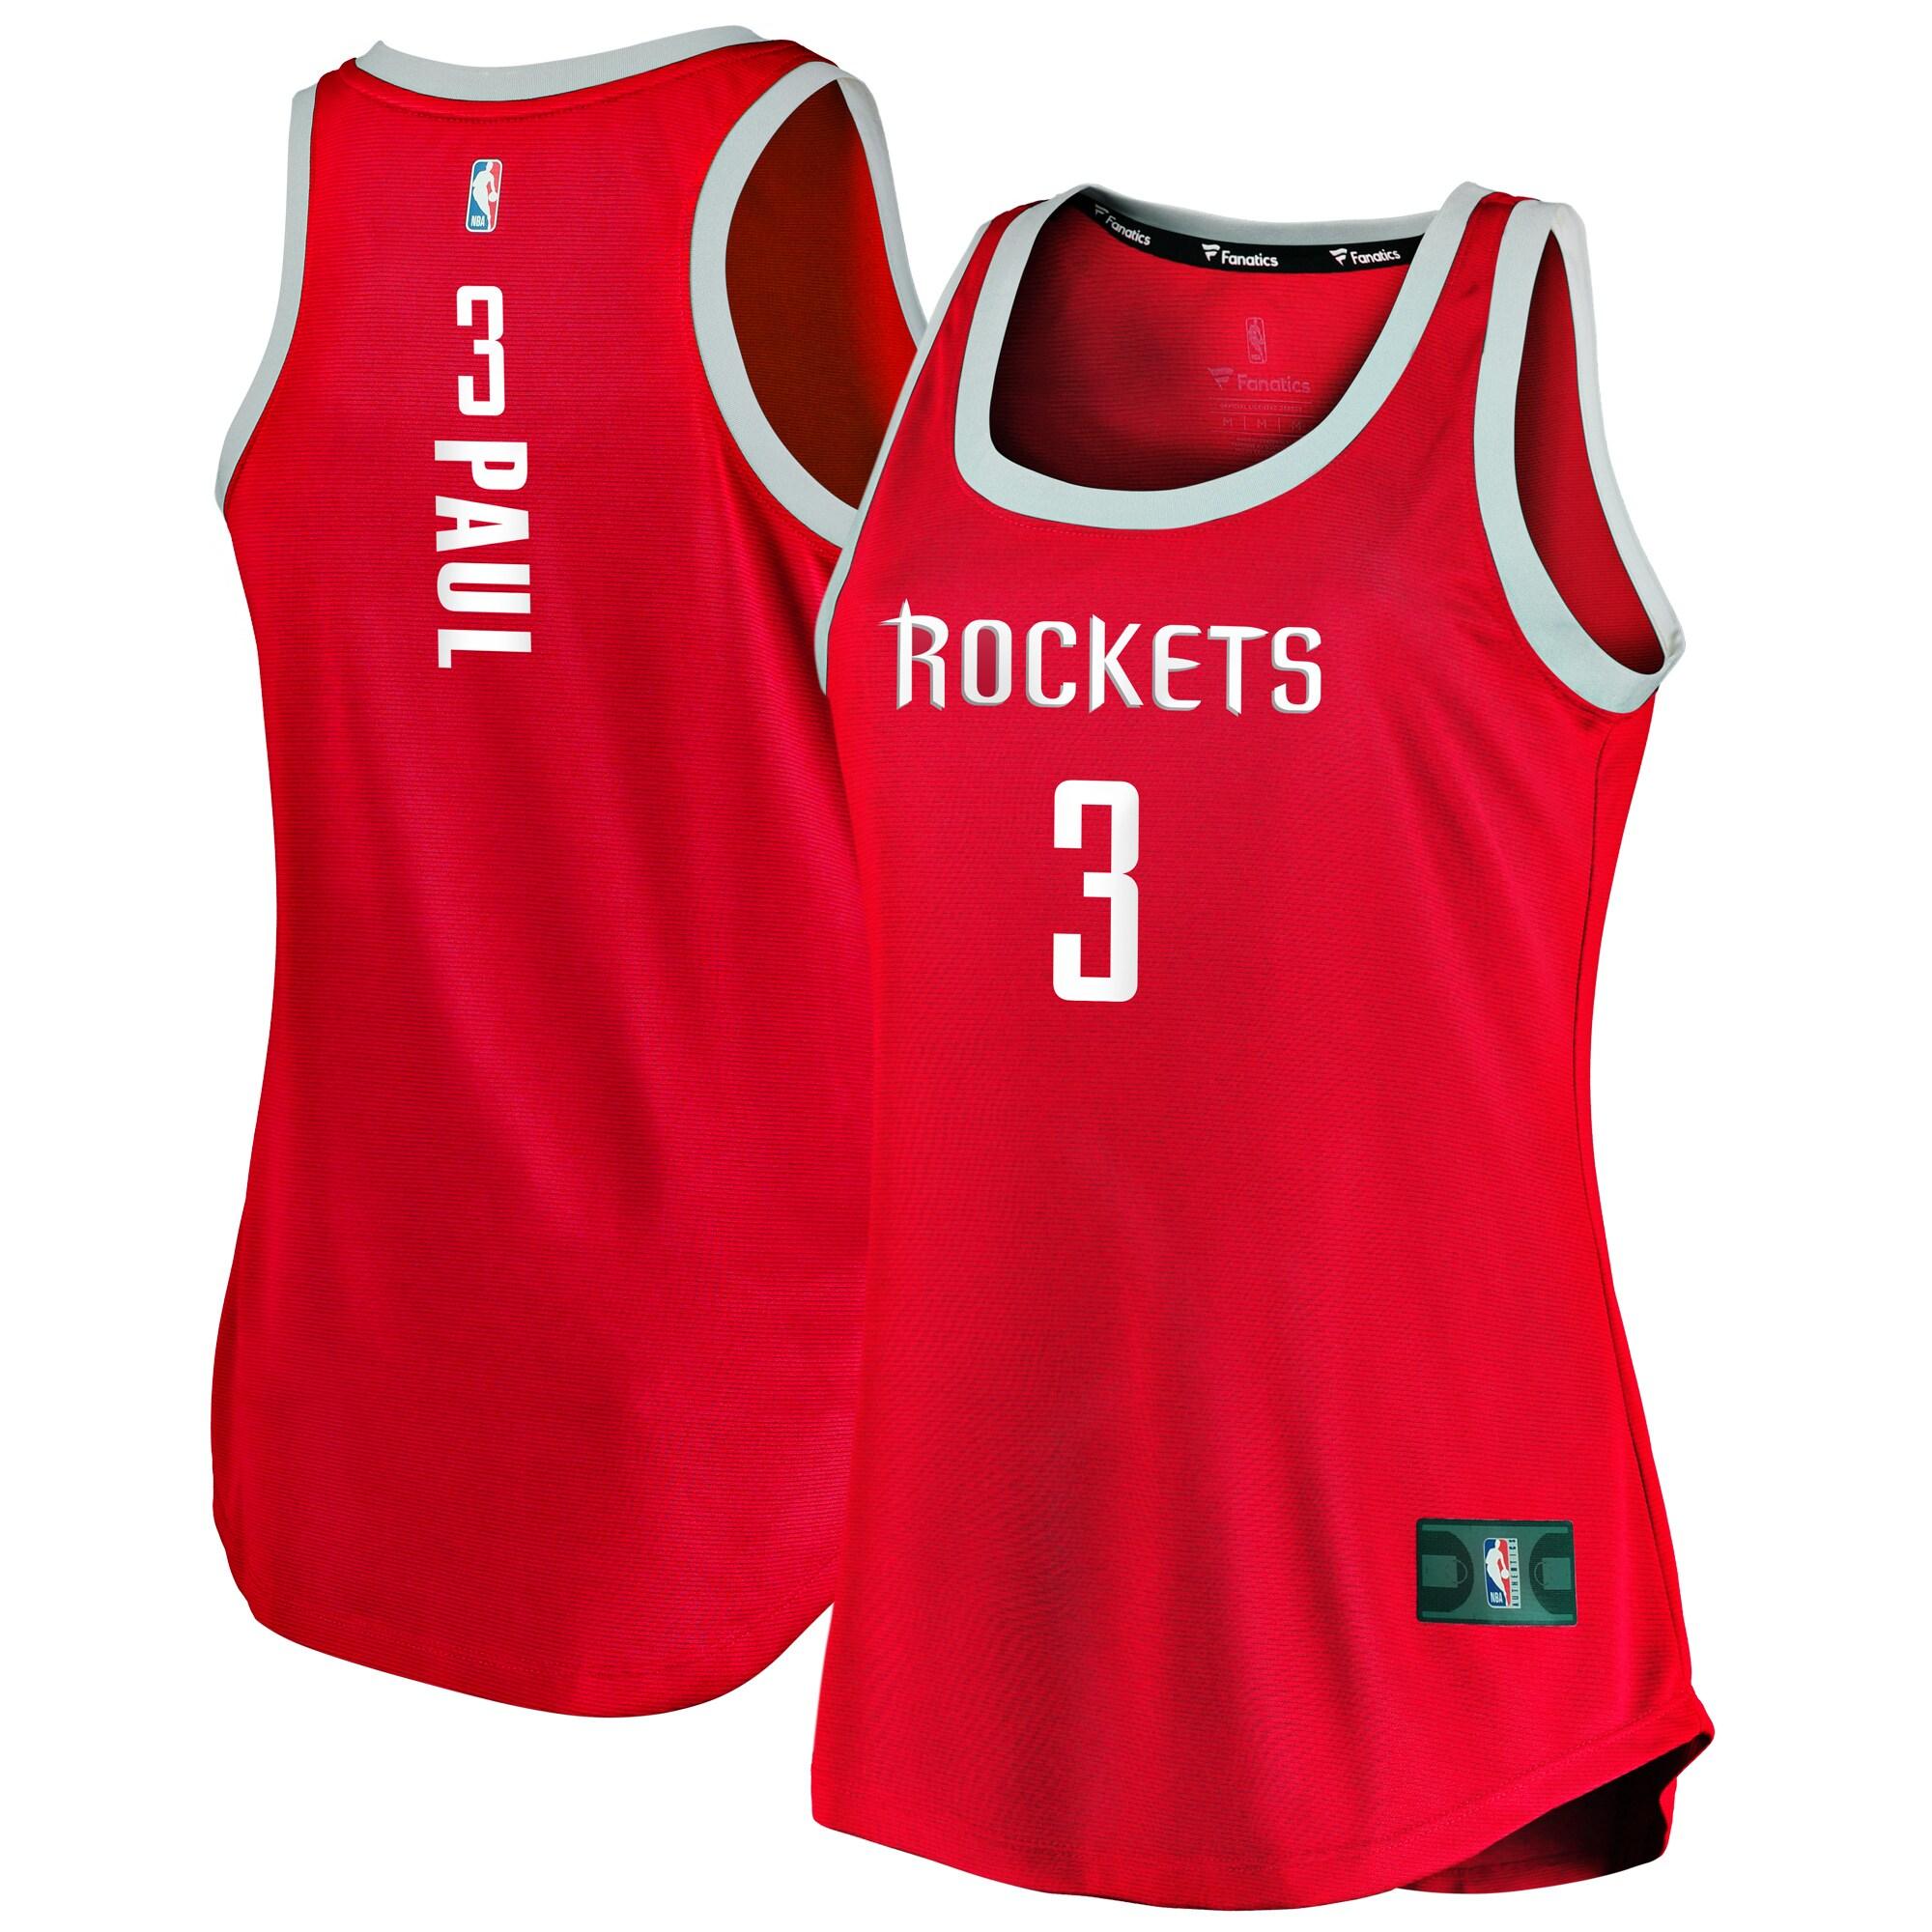 Chris Paul Houston Rockets Fanatics Branded Women's Fast Break Tank Jersey - Icon Edition - Red